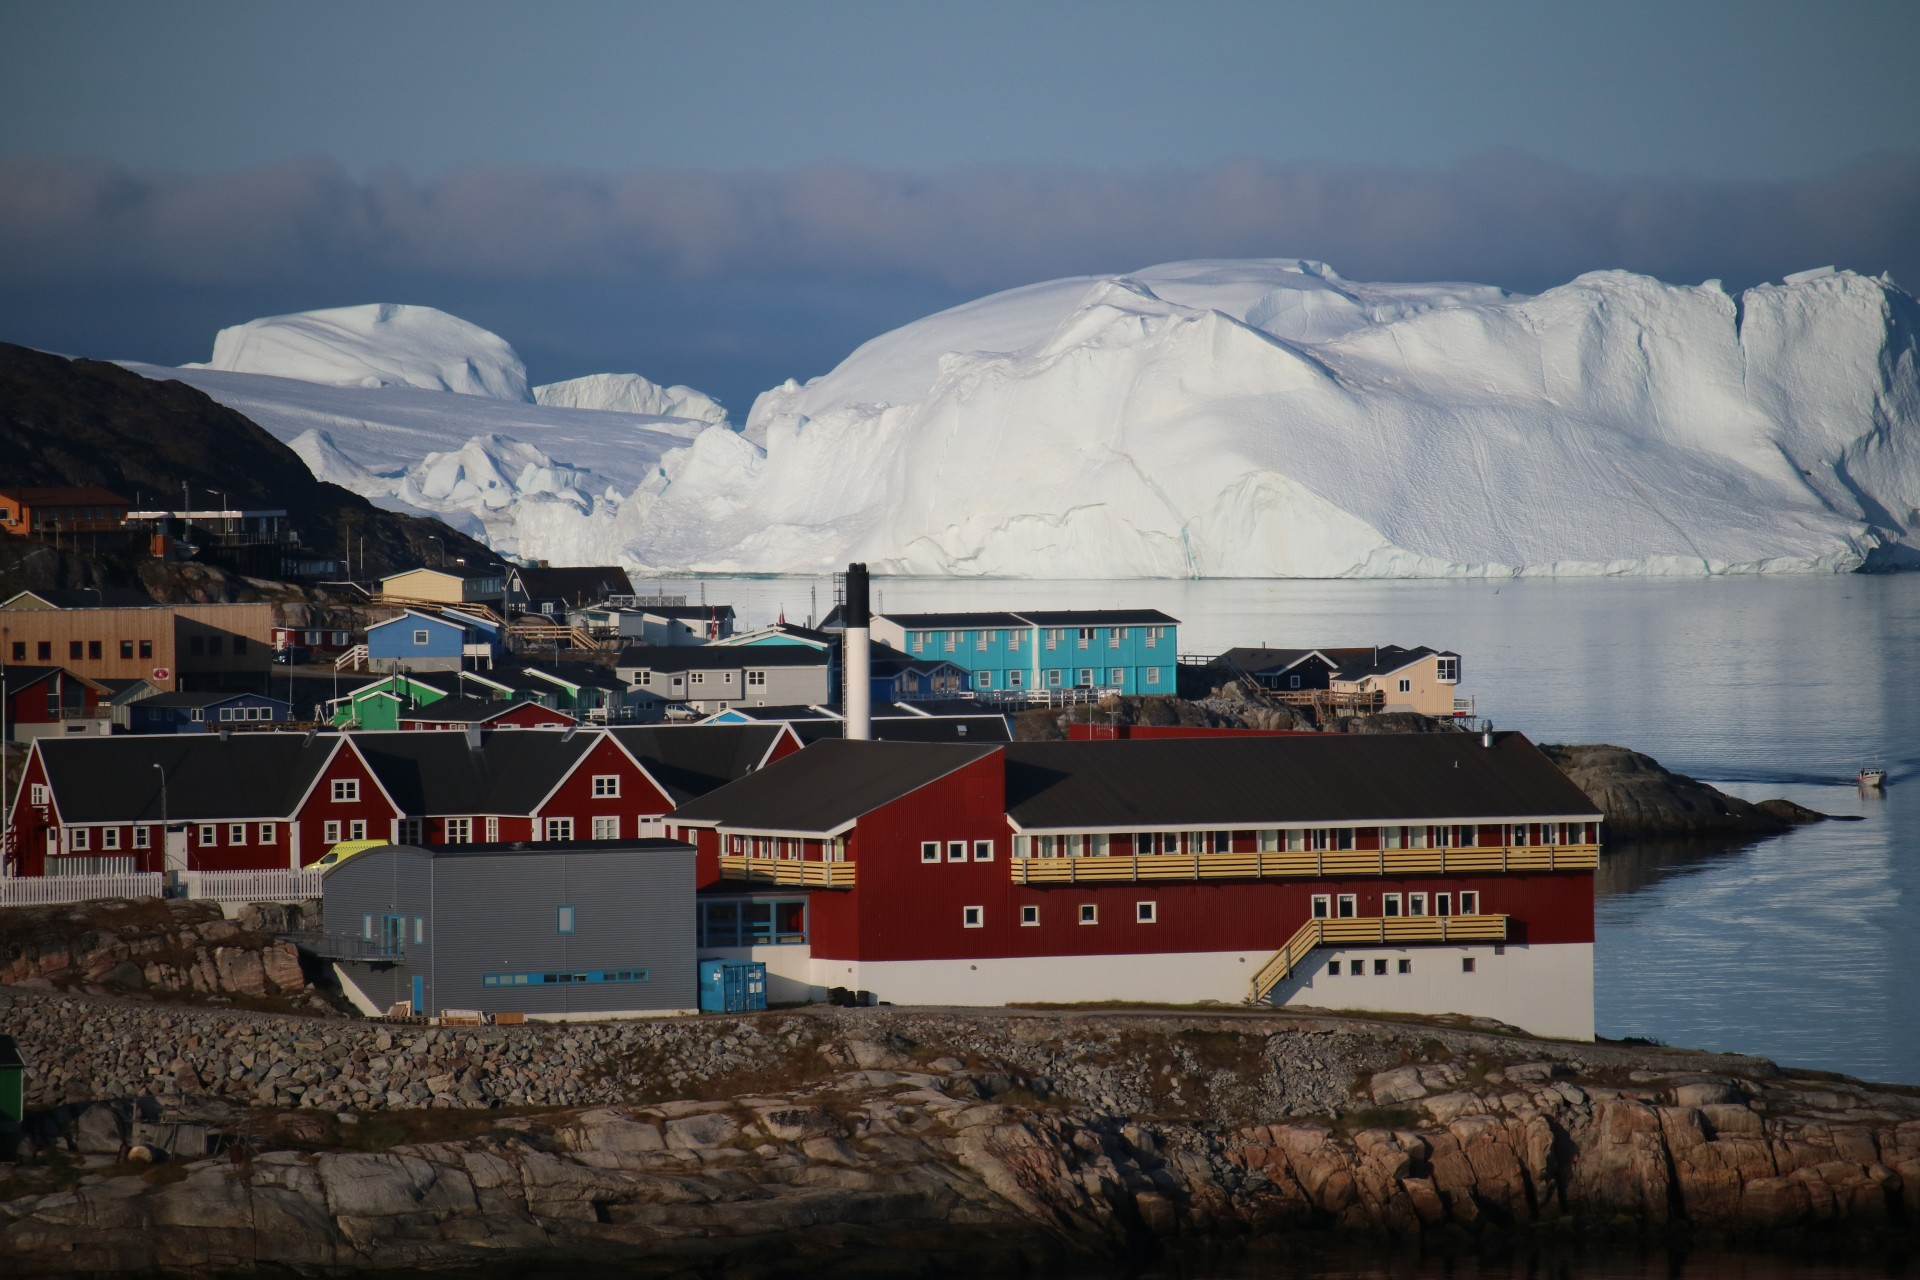 Vy över hus och isberg, Grönland. Foto: Nordiska museet